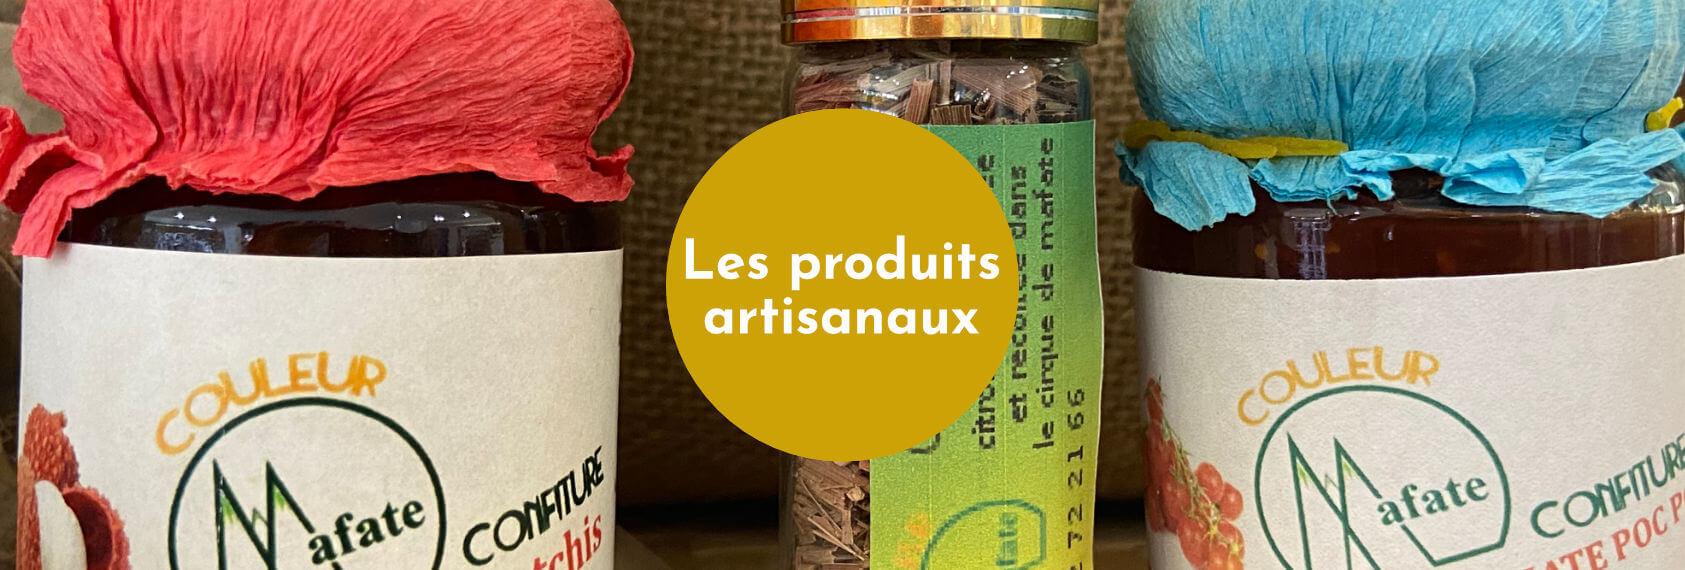 Notre gamme de produits exclusifs - Produits artisanaux